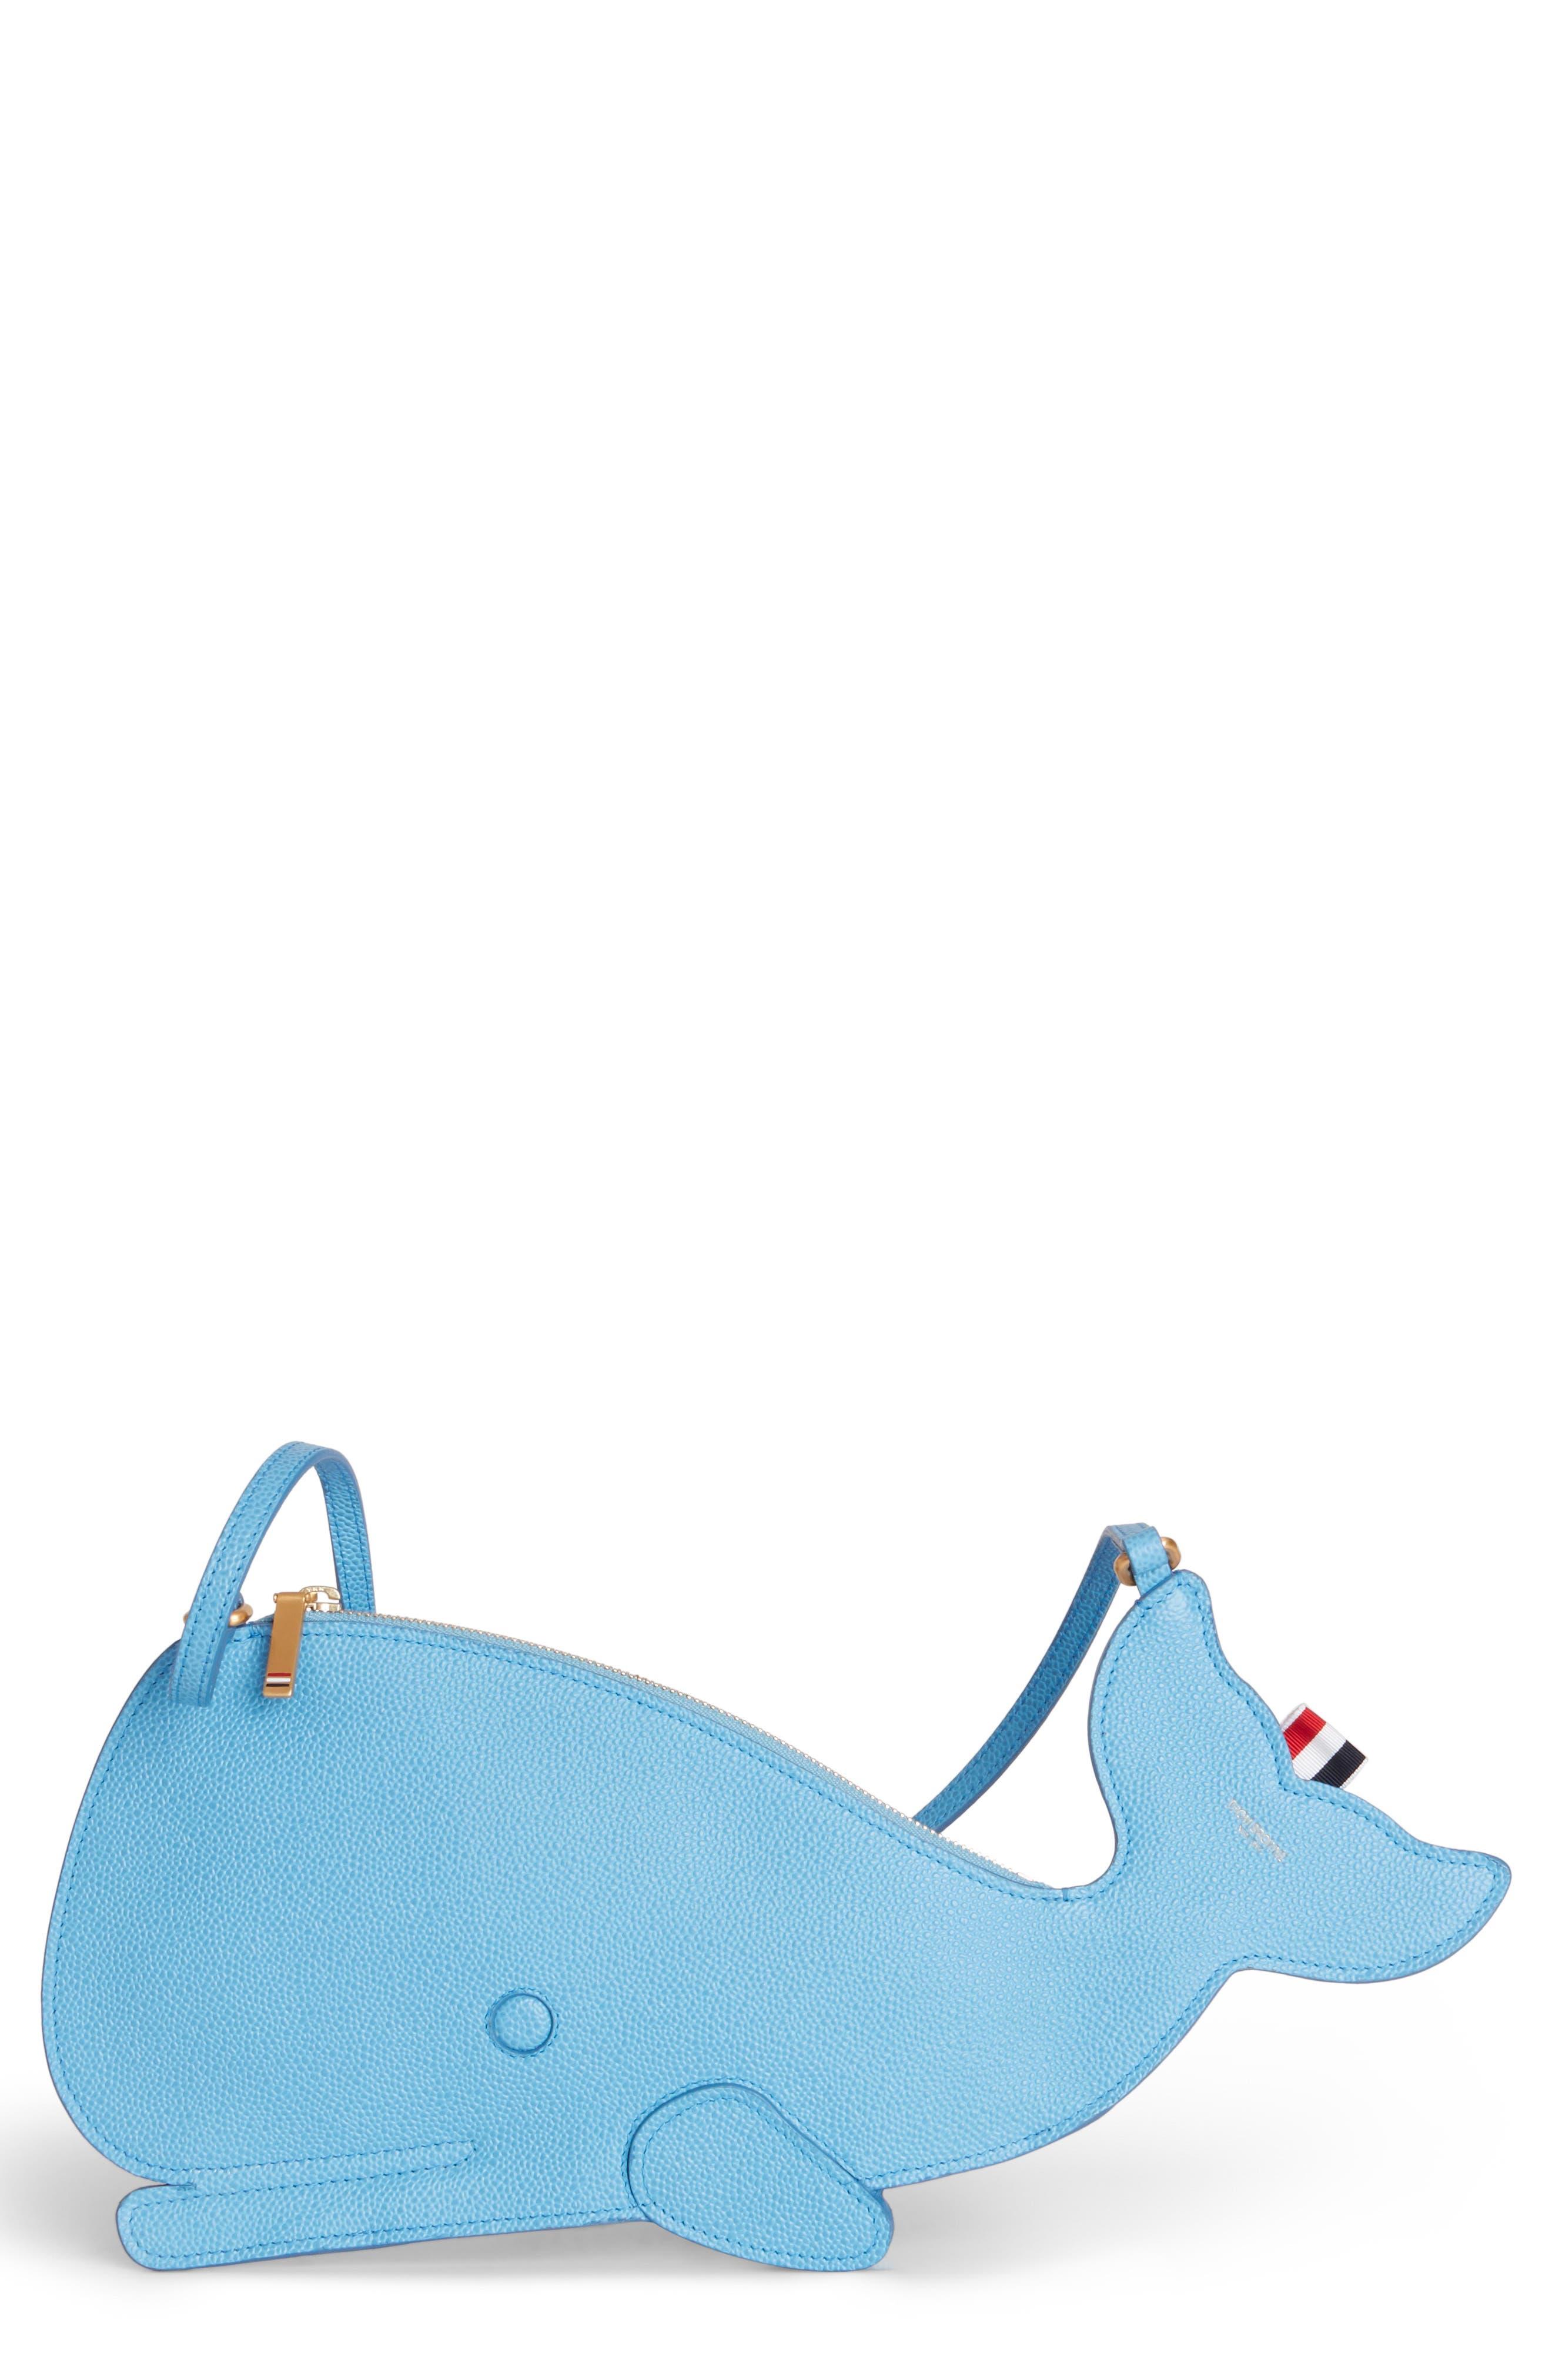 Whale Flat Icon Leather Shoulder Bag, Main, color, PALE BLUE